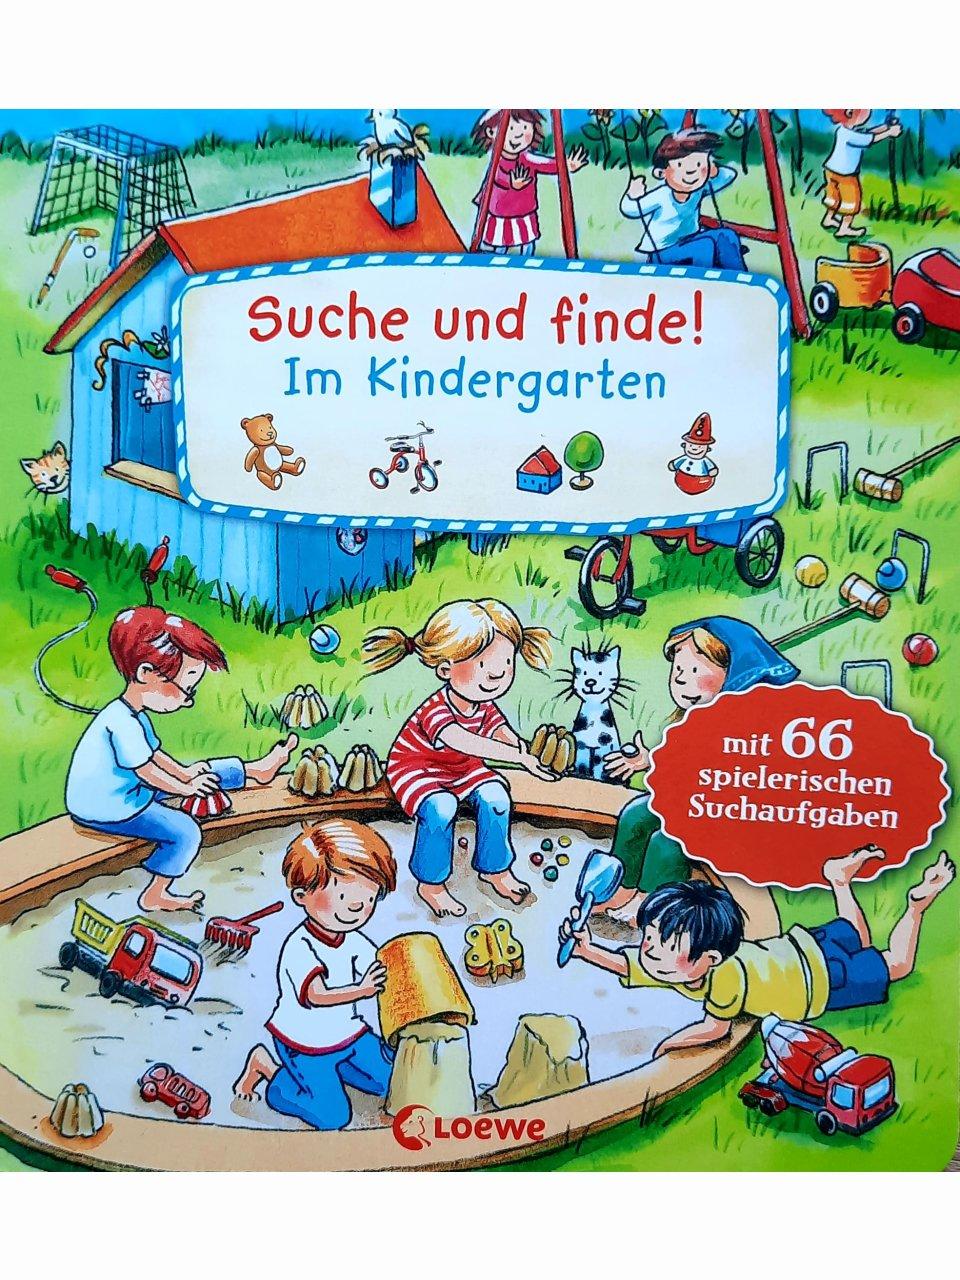 Suche und finde! - Im Kindergarten